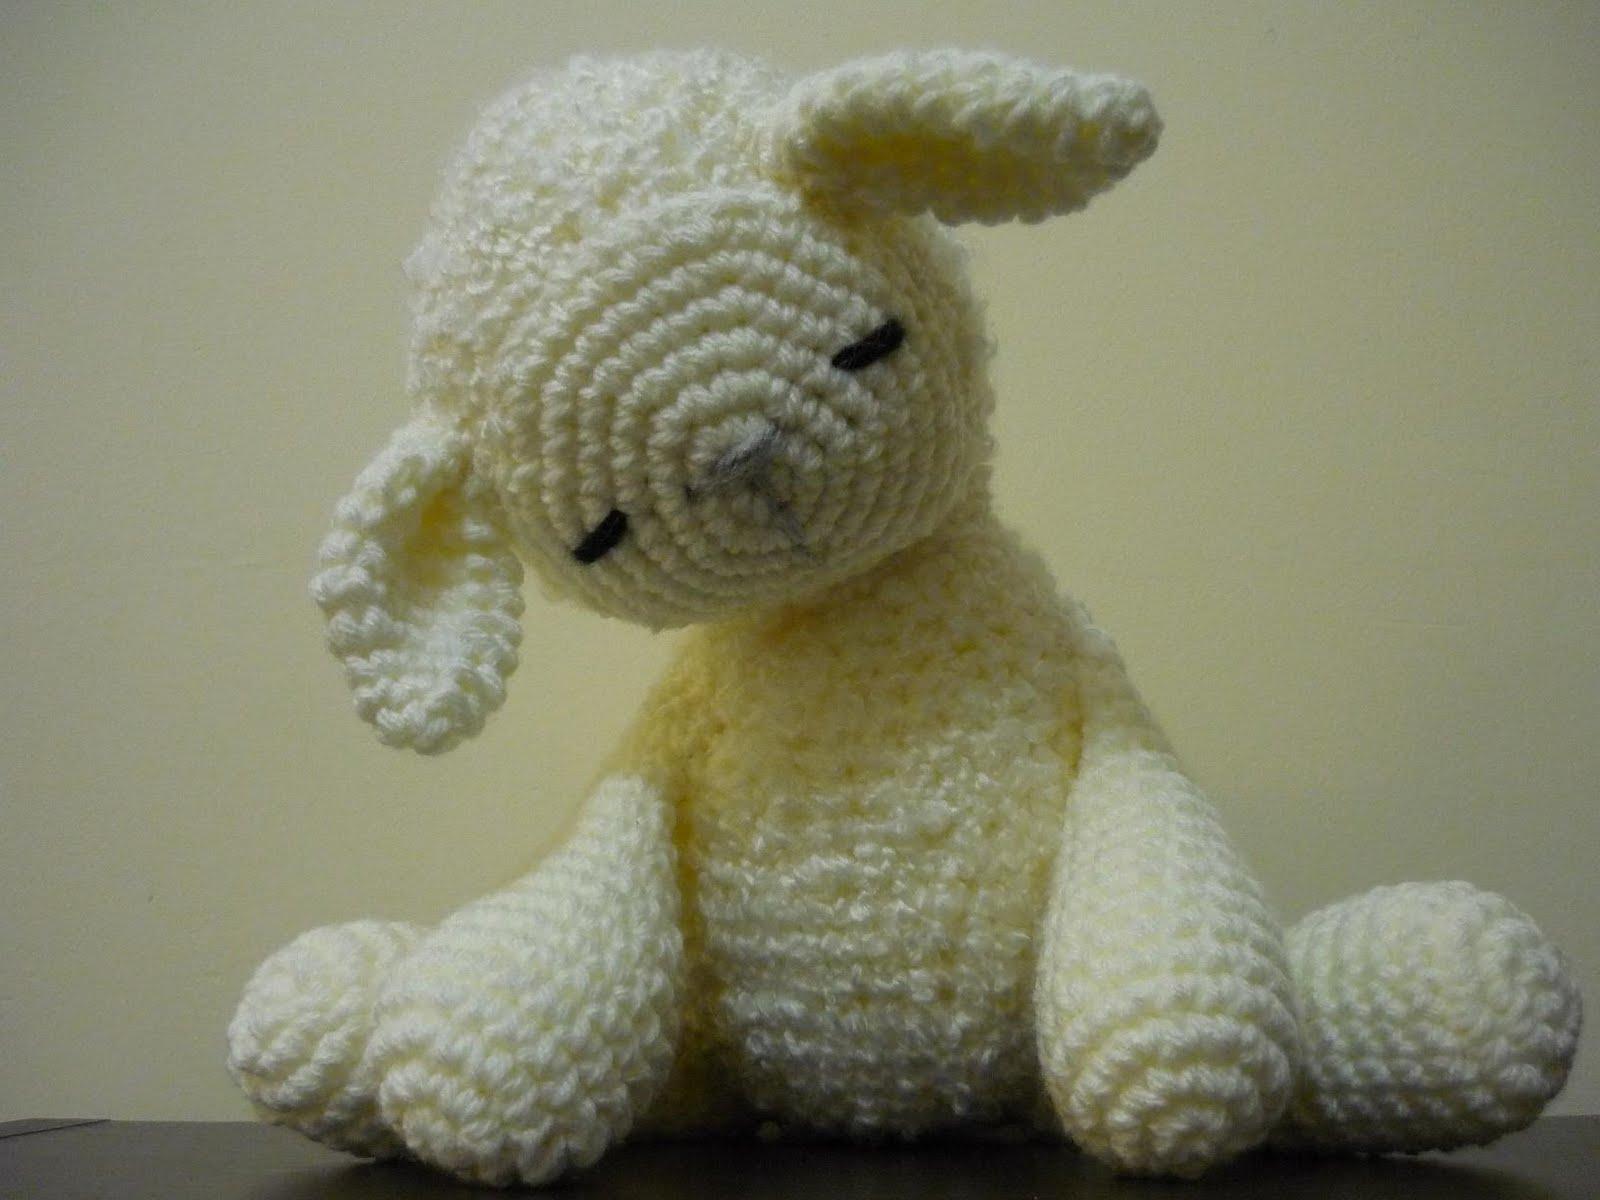 Oveja dormida - Sleepy Sheep crochet